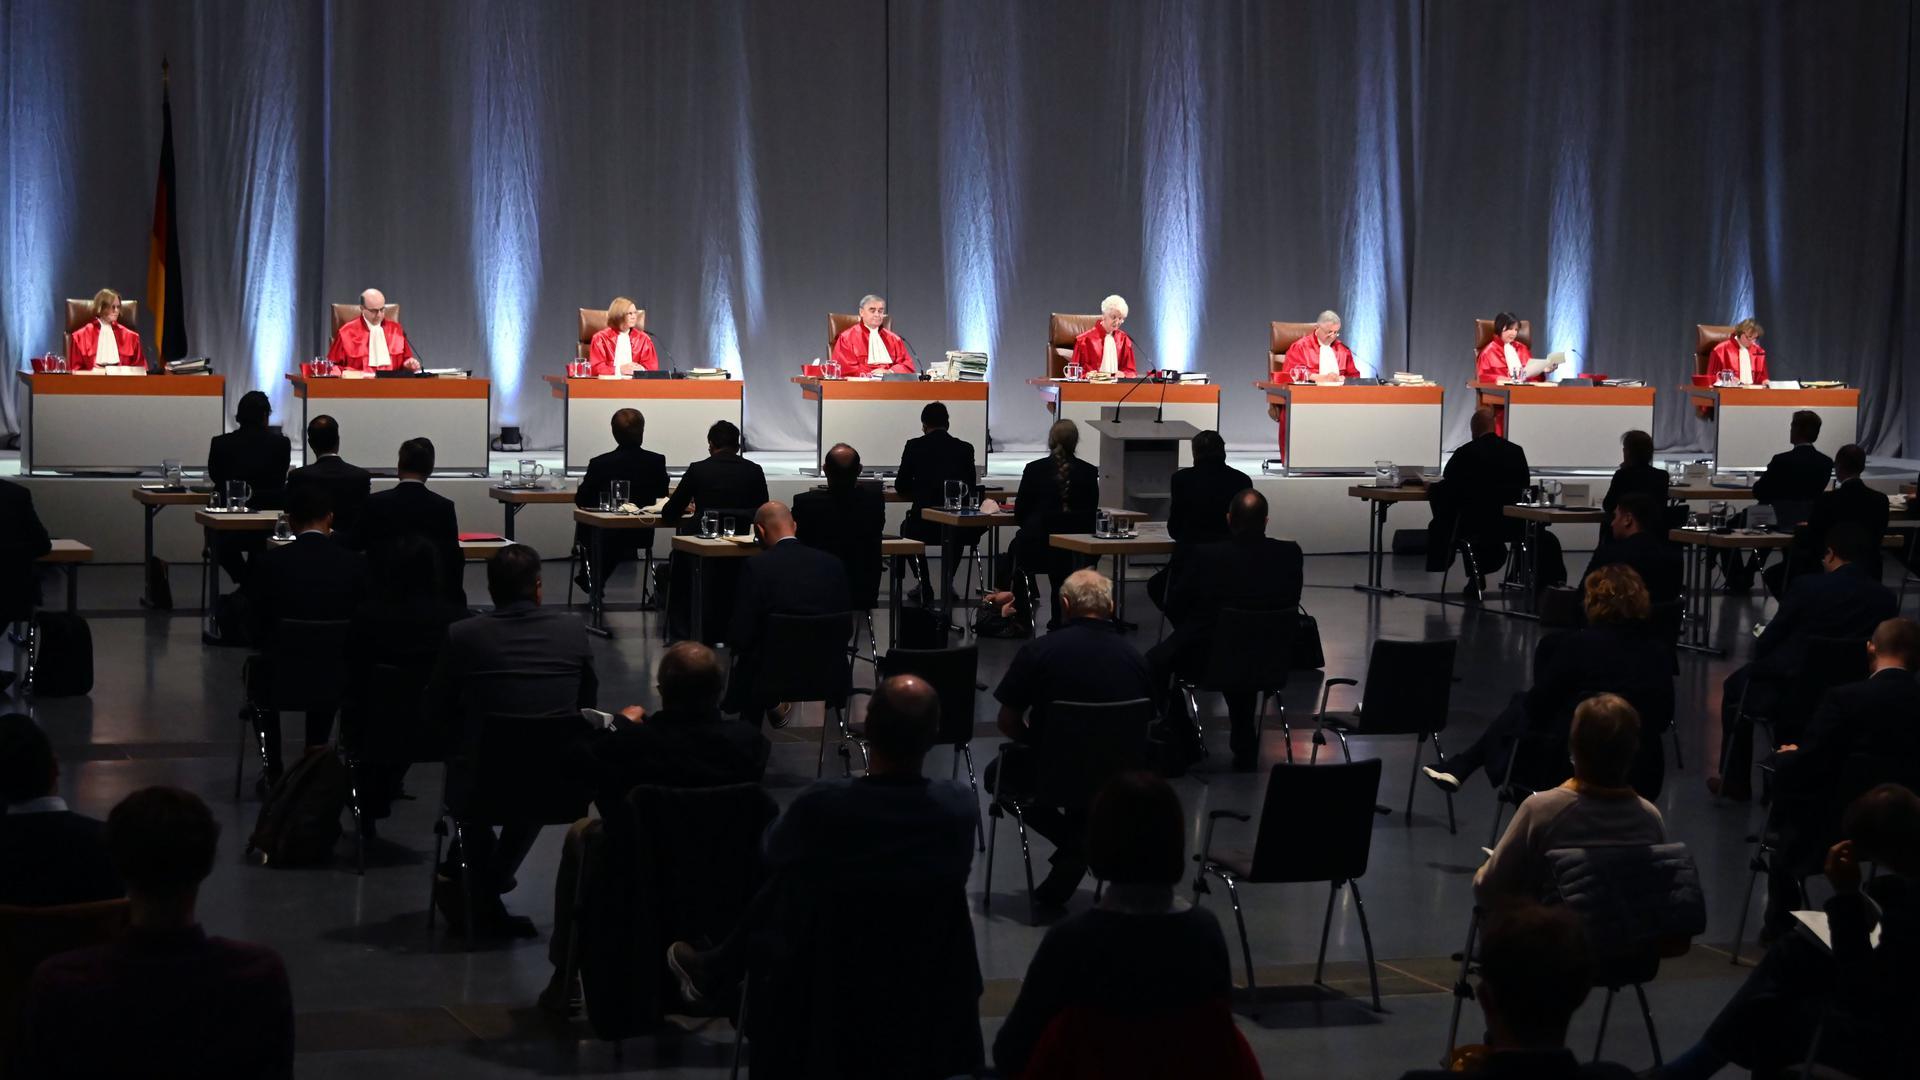 Pandemiebedingte Premiere: Der Zweite Senat beim Bundesverfassungsgericht verhandelt in der Messe Karlsruhe.